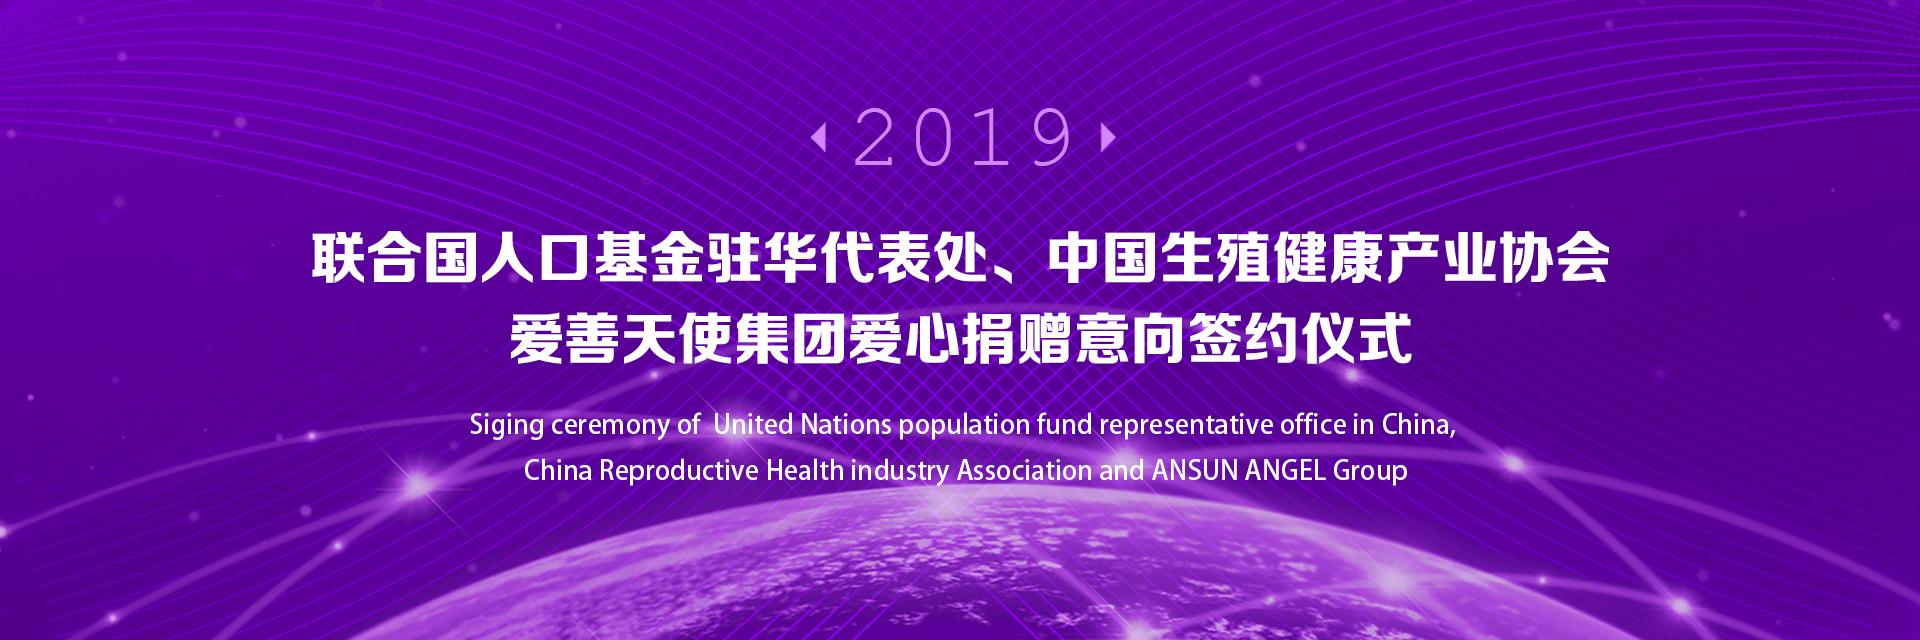 联合国人口基金、中国生殖健康产业协会